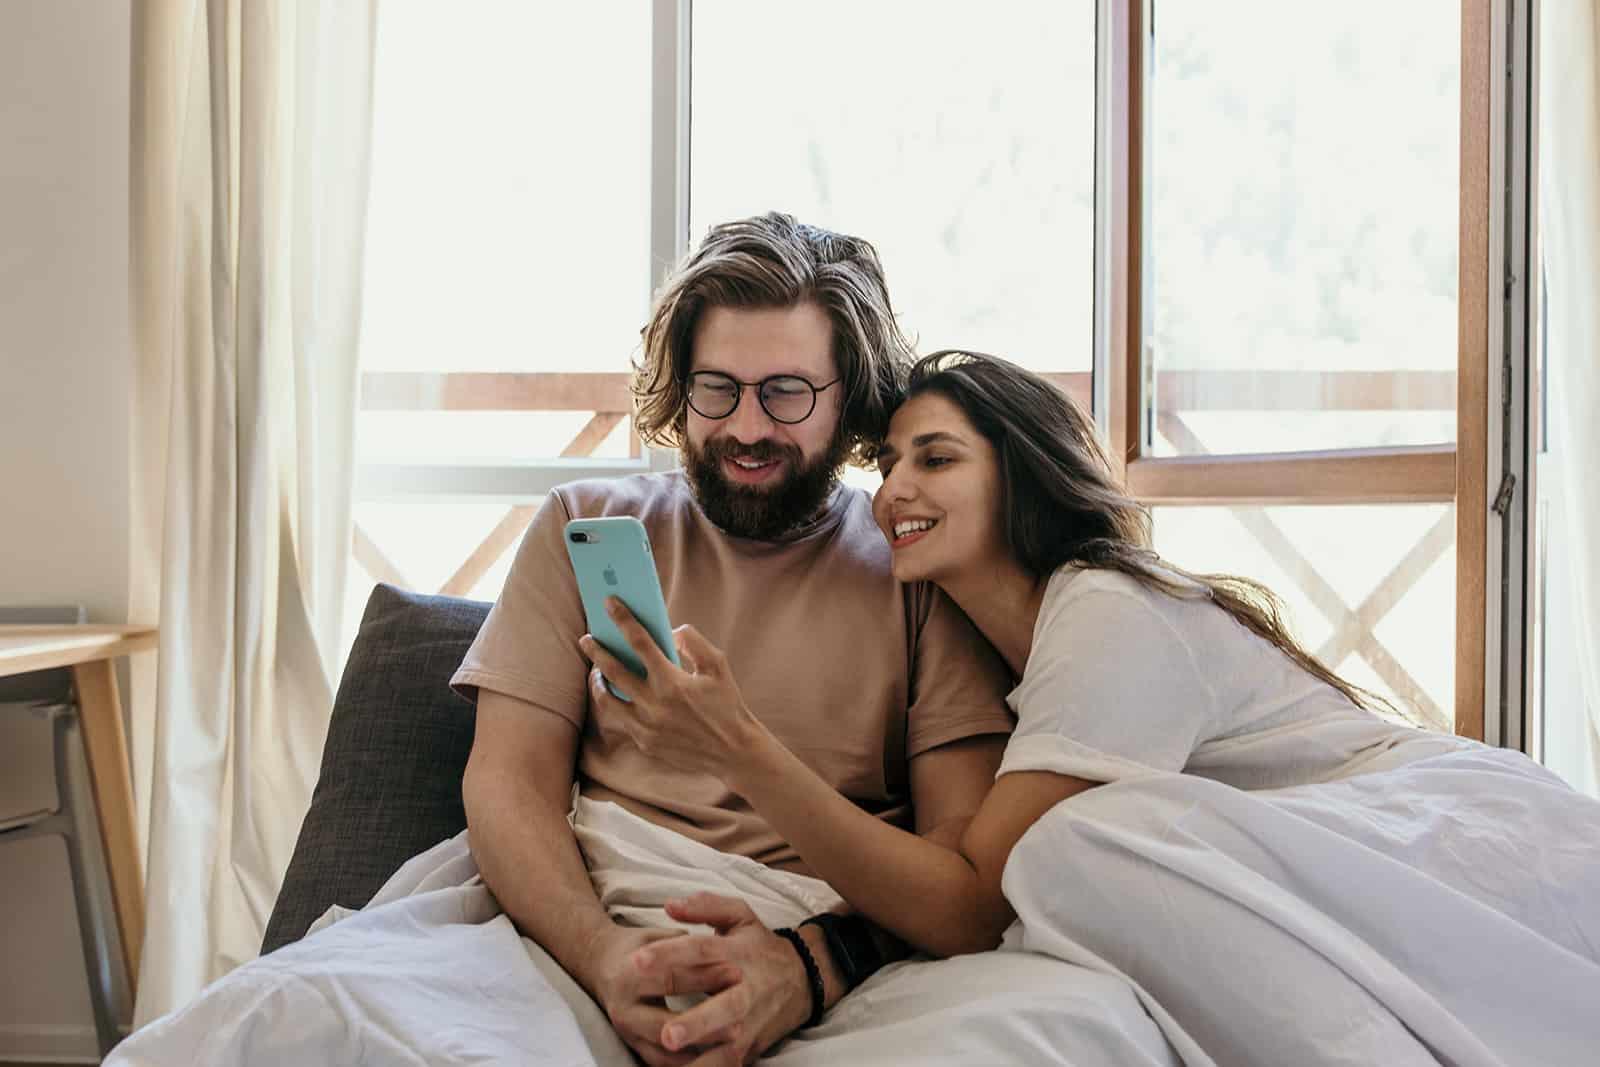 eine lächelnde Frau, die ihrem Freund ein Smartphone zeigt im Bett sitzen